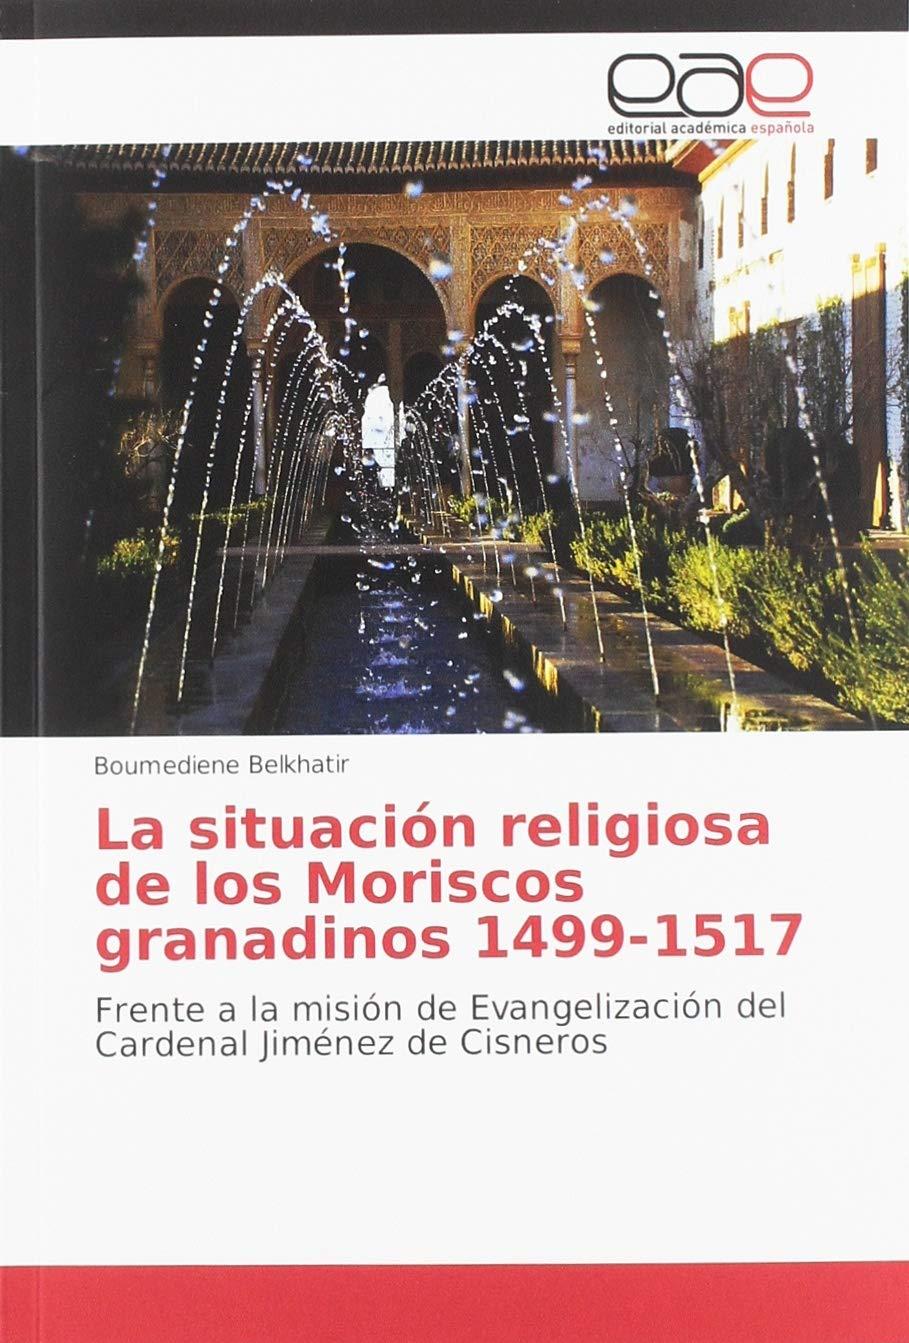 La situación religiosa de los Moriscos granadinos 1499-1517: Frente a la misión de Evangelización del Cardenal Jiménez de Cisneros: Amazon.es: Belkhatir, Boumediene: Libros